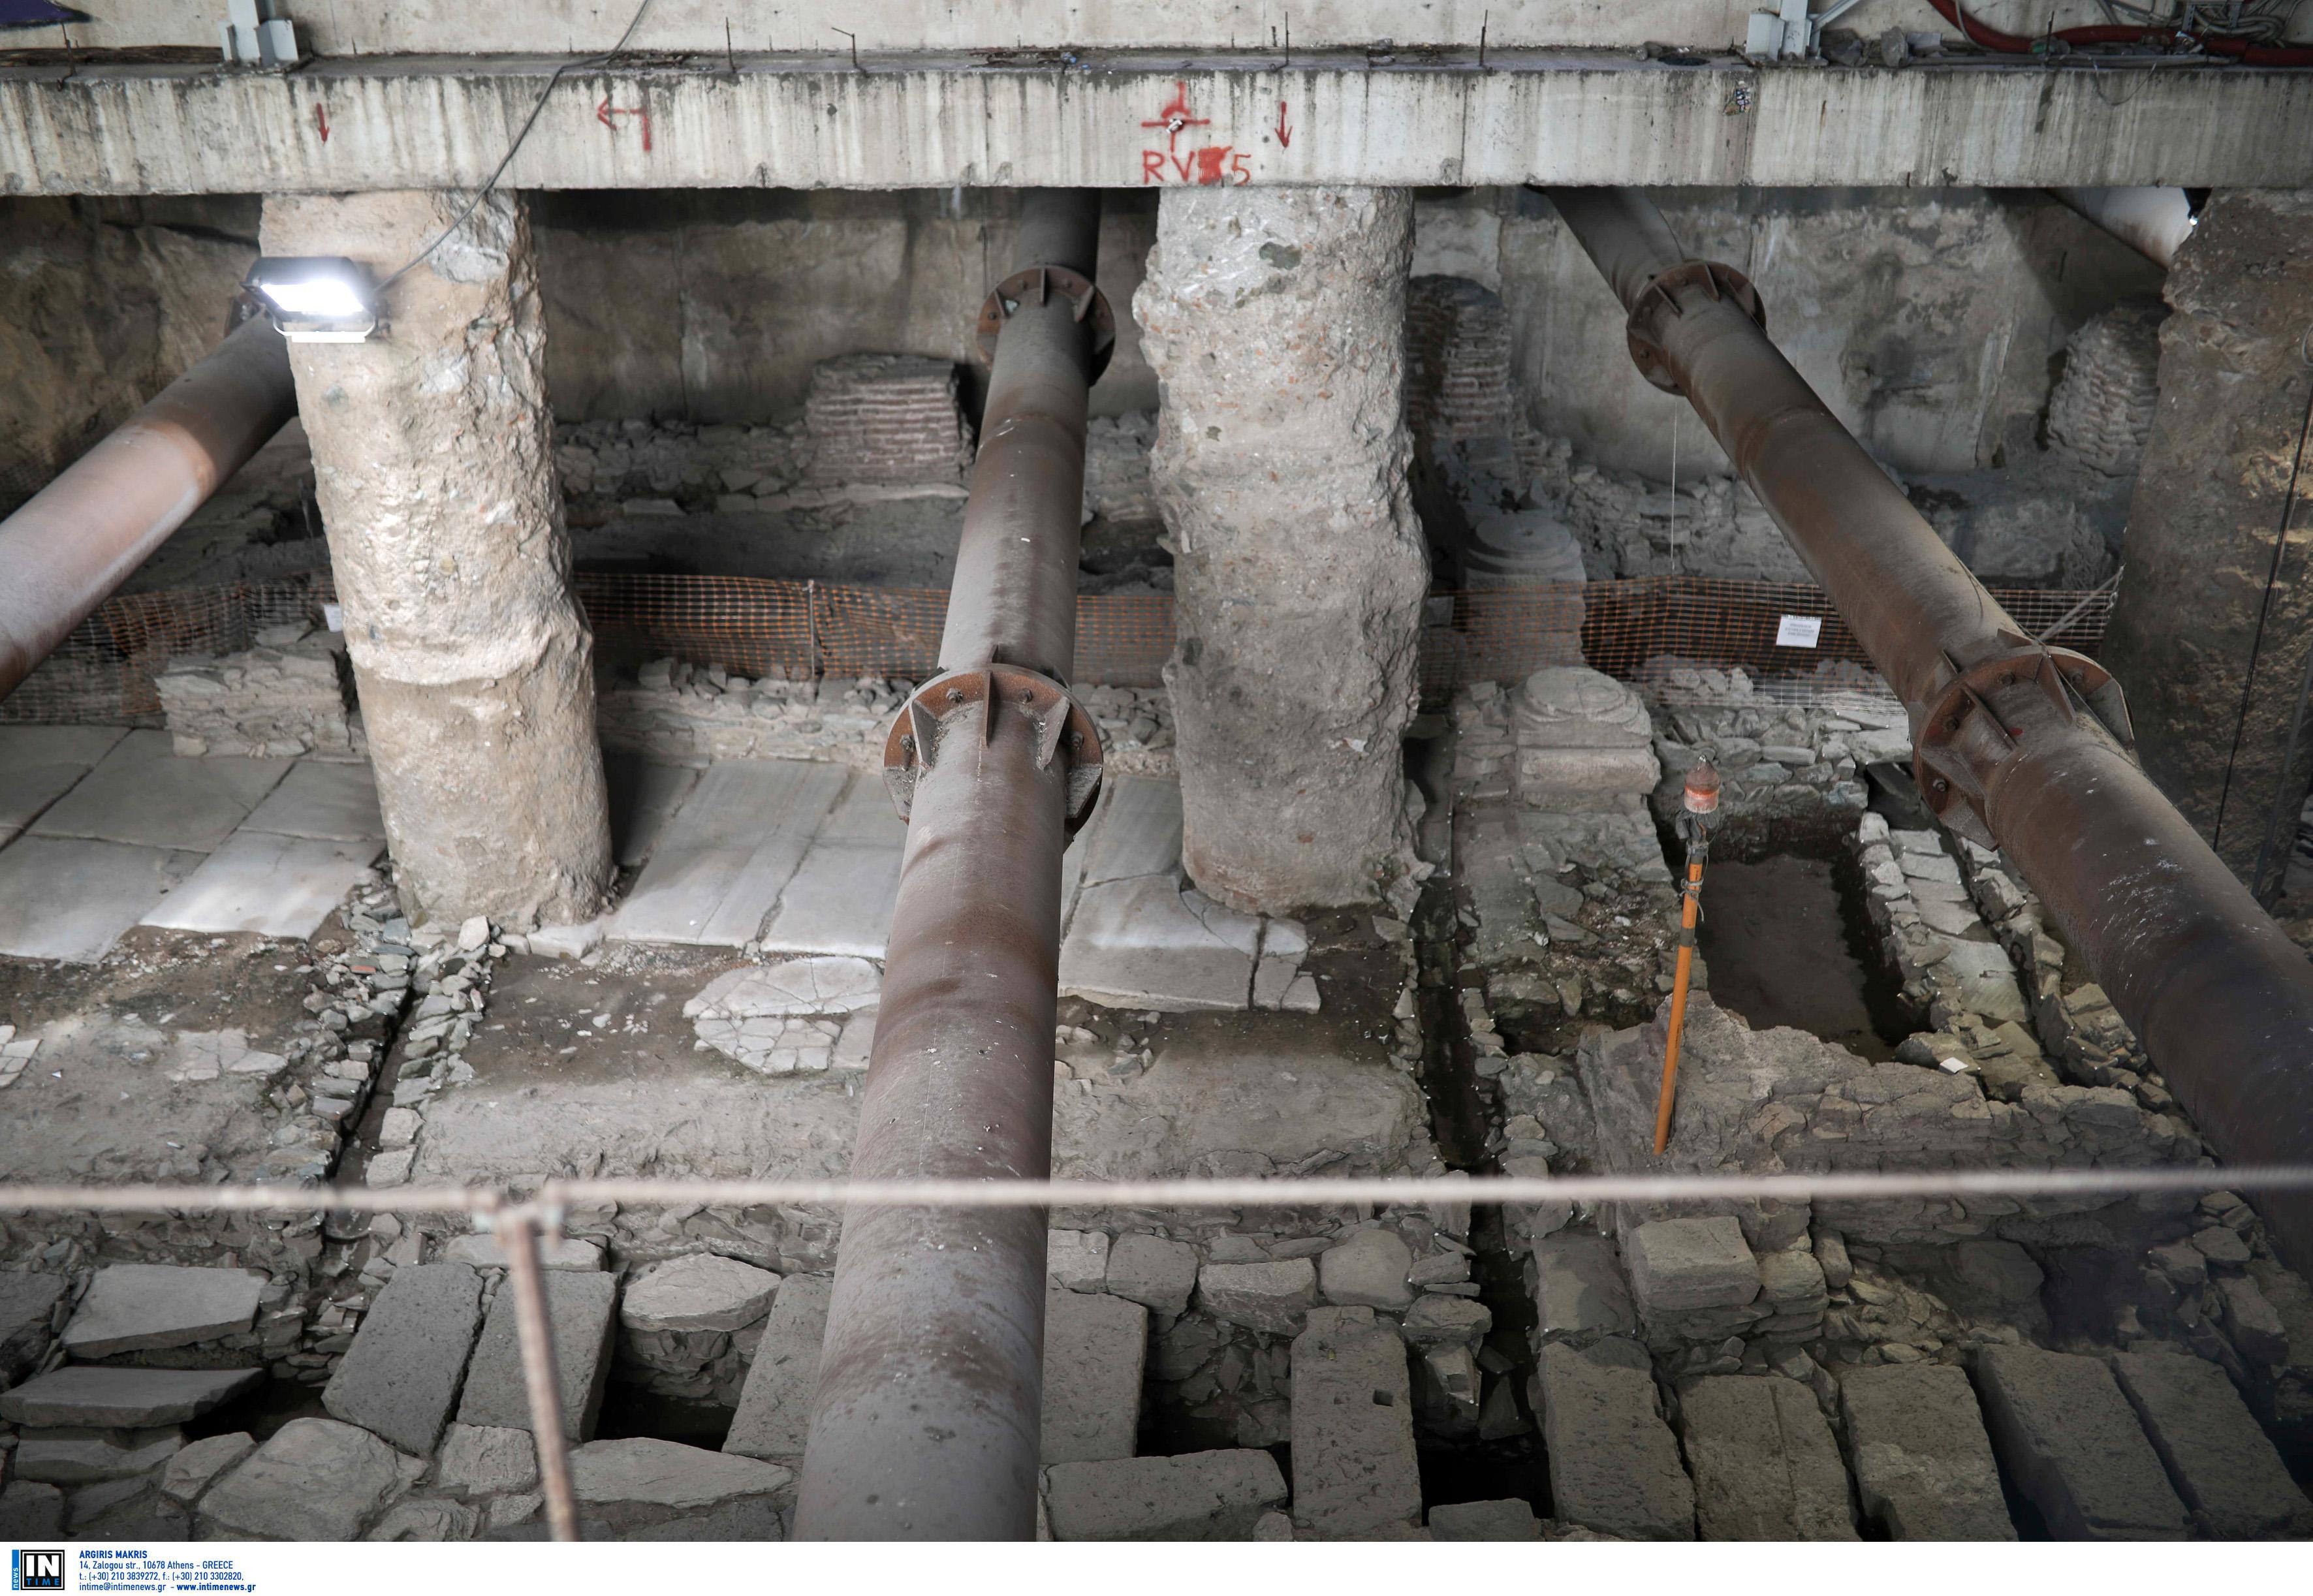 Μετρό Θεσσαλονίκης: Ναι από το ΚΑΣ για τη μεταφορά των αρχαιοτήτων από τη Βενιζέλου